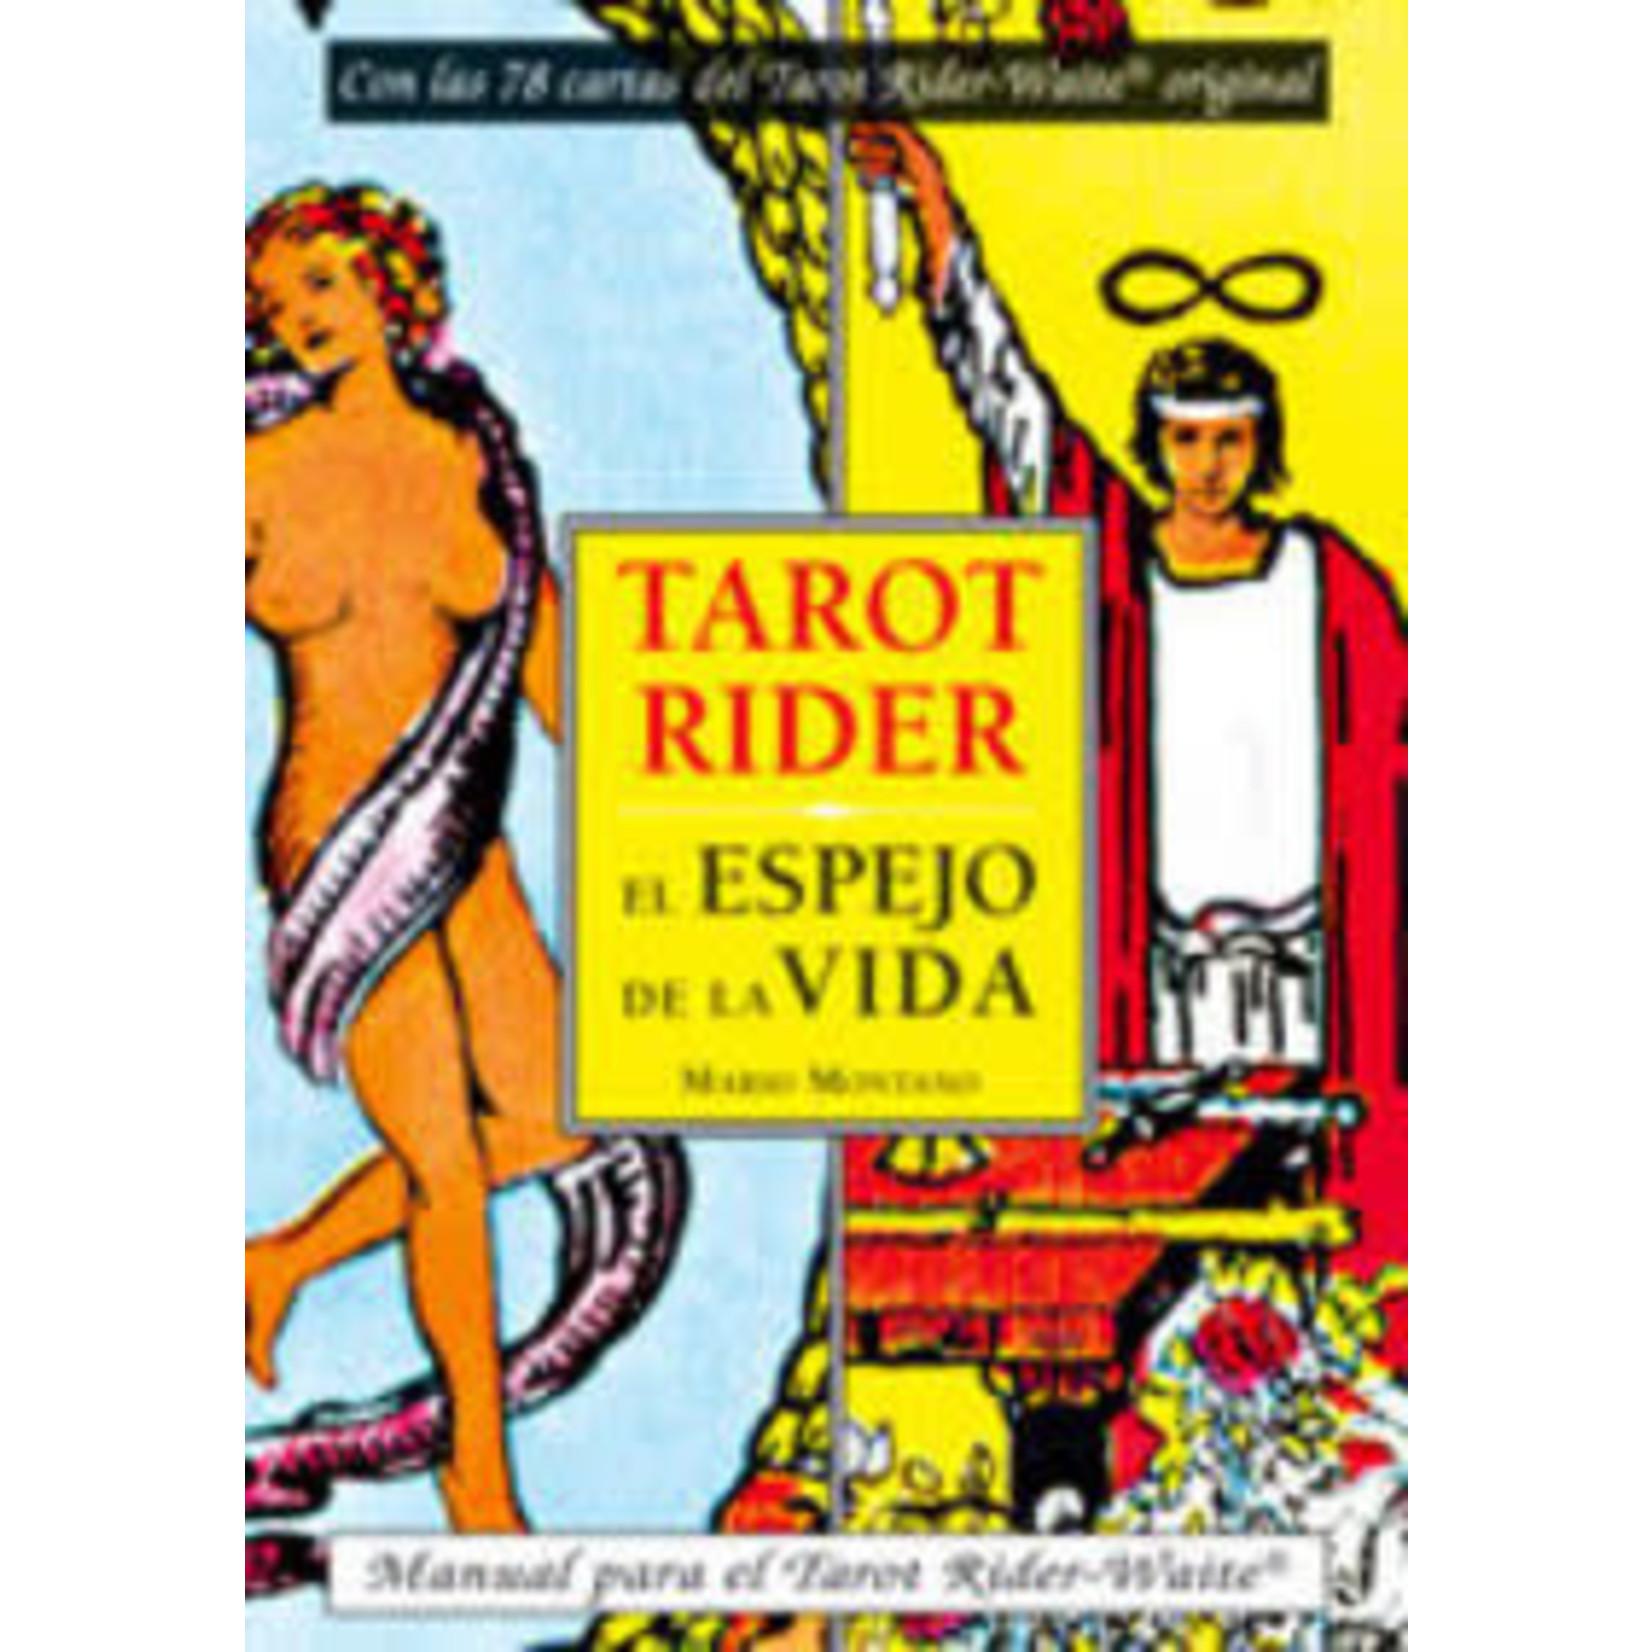 PACK TAROT RIDER EL ESPEJO DE LA VIDA